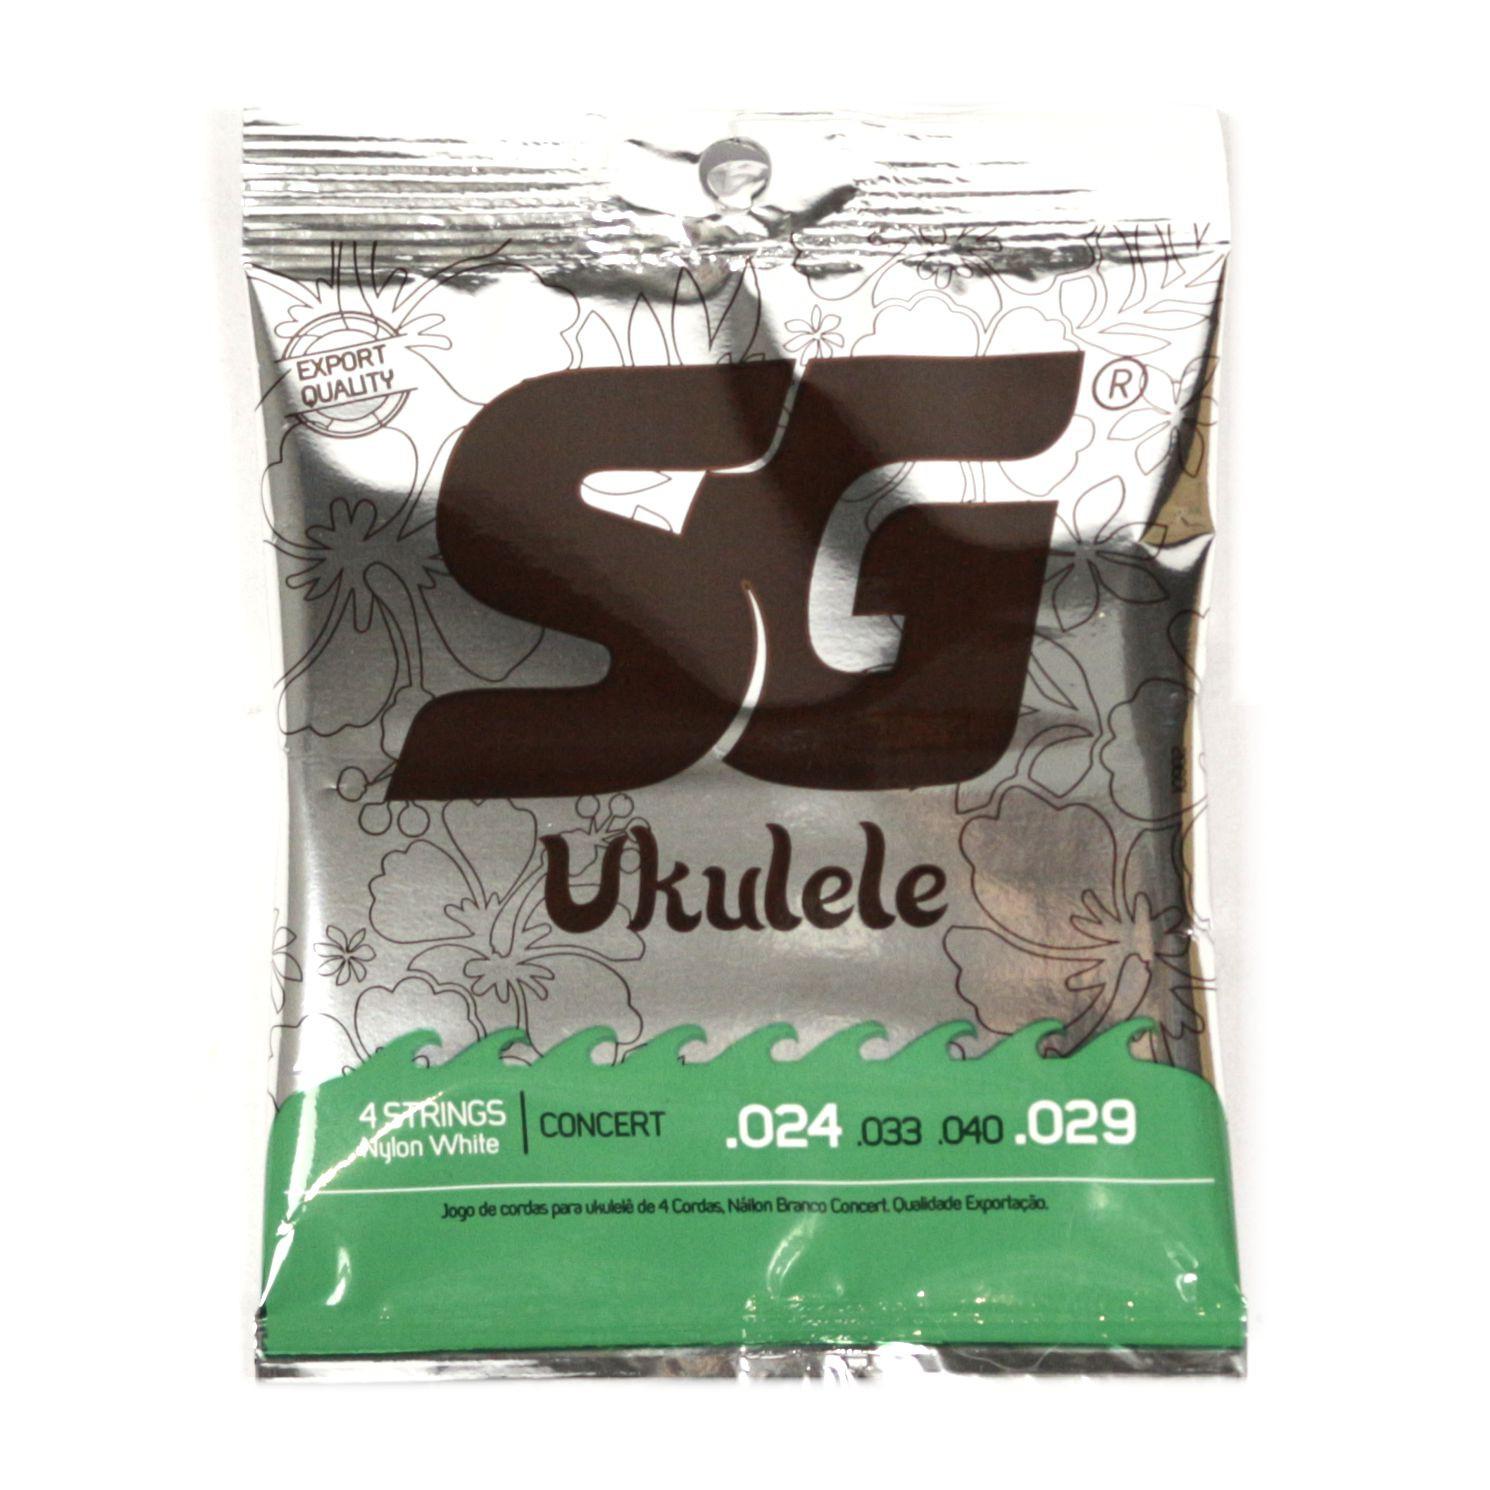 Encordoamento SG STRINGS Ukulele Jogo Cordas de NYLON para Ukulele Concert